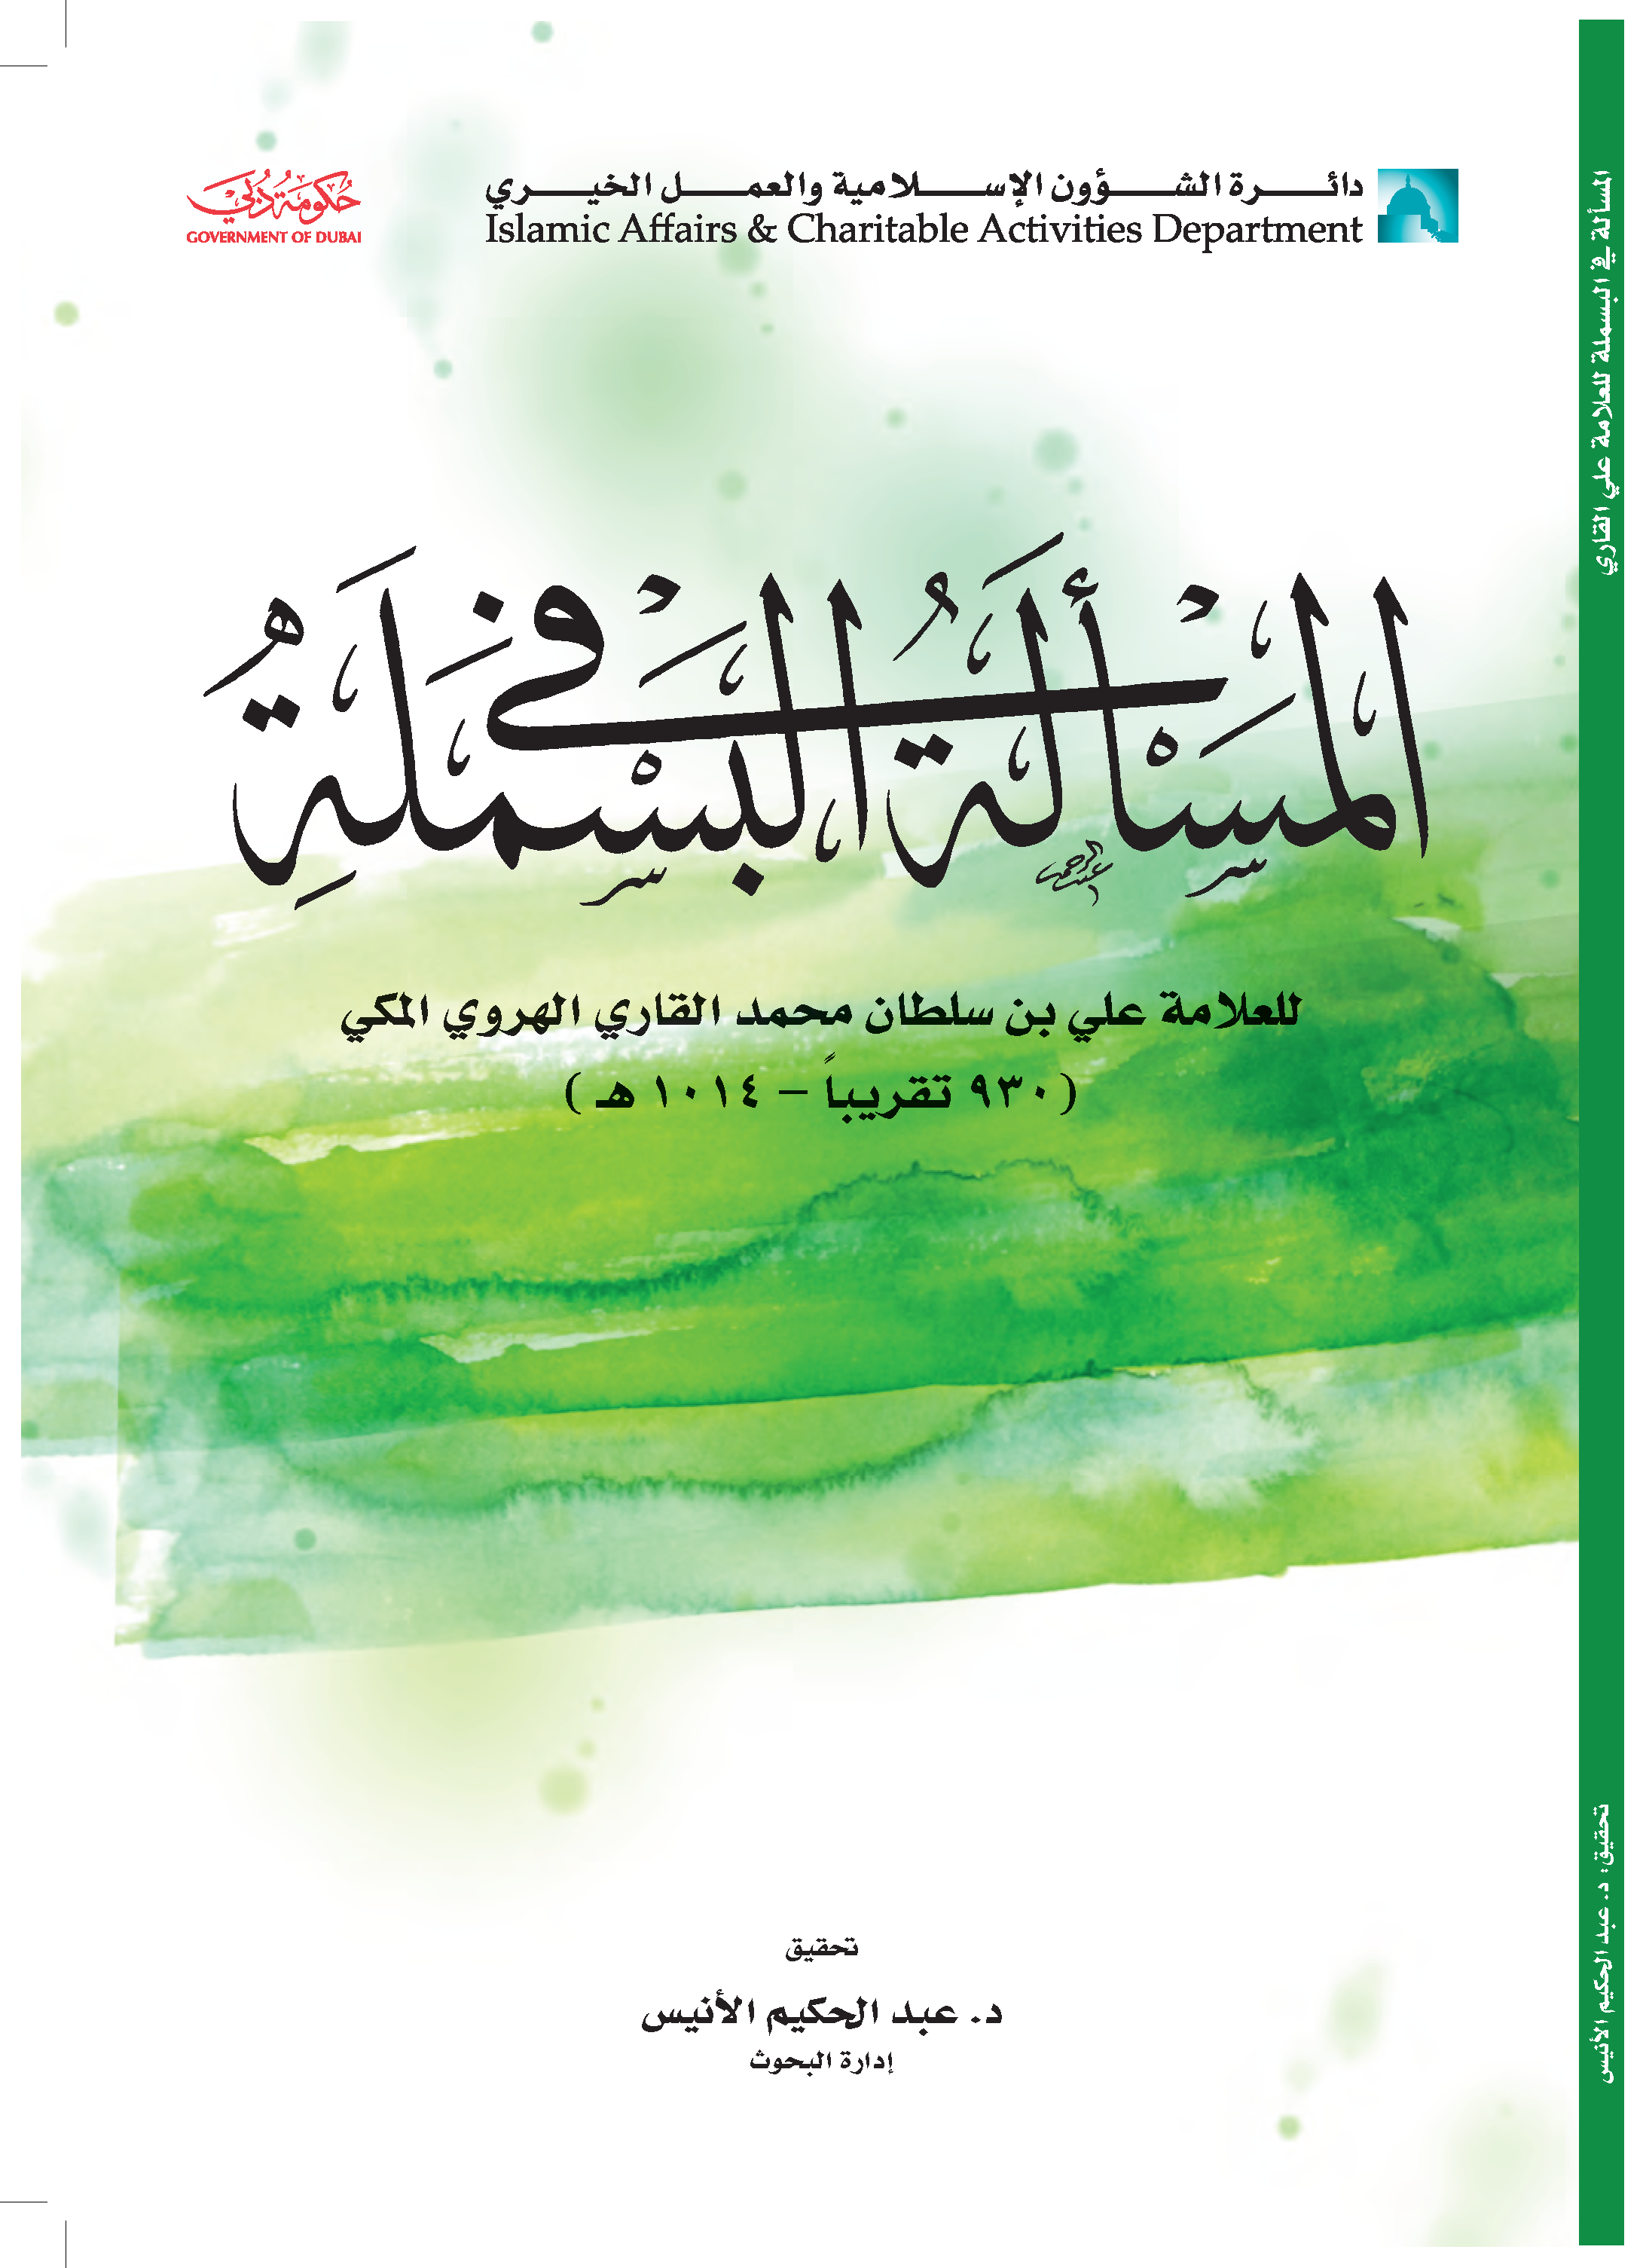 تحميل كتاب المسألة في البسملة لـِ: الإمام نور الدين أبو الحسن علي بن سلطان محمد، الملا الهروي القاري (ت 1014)